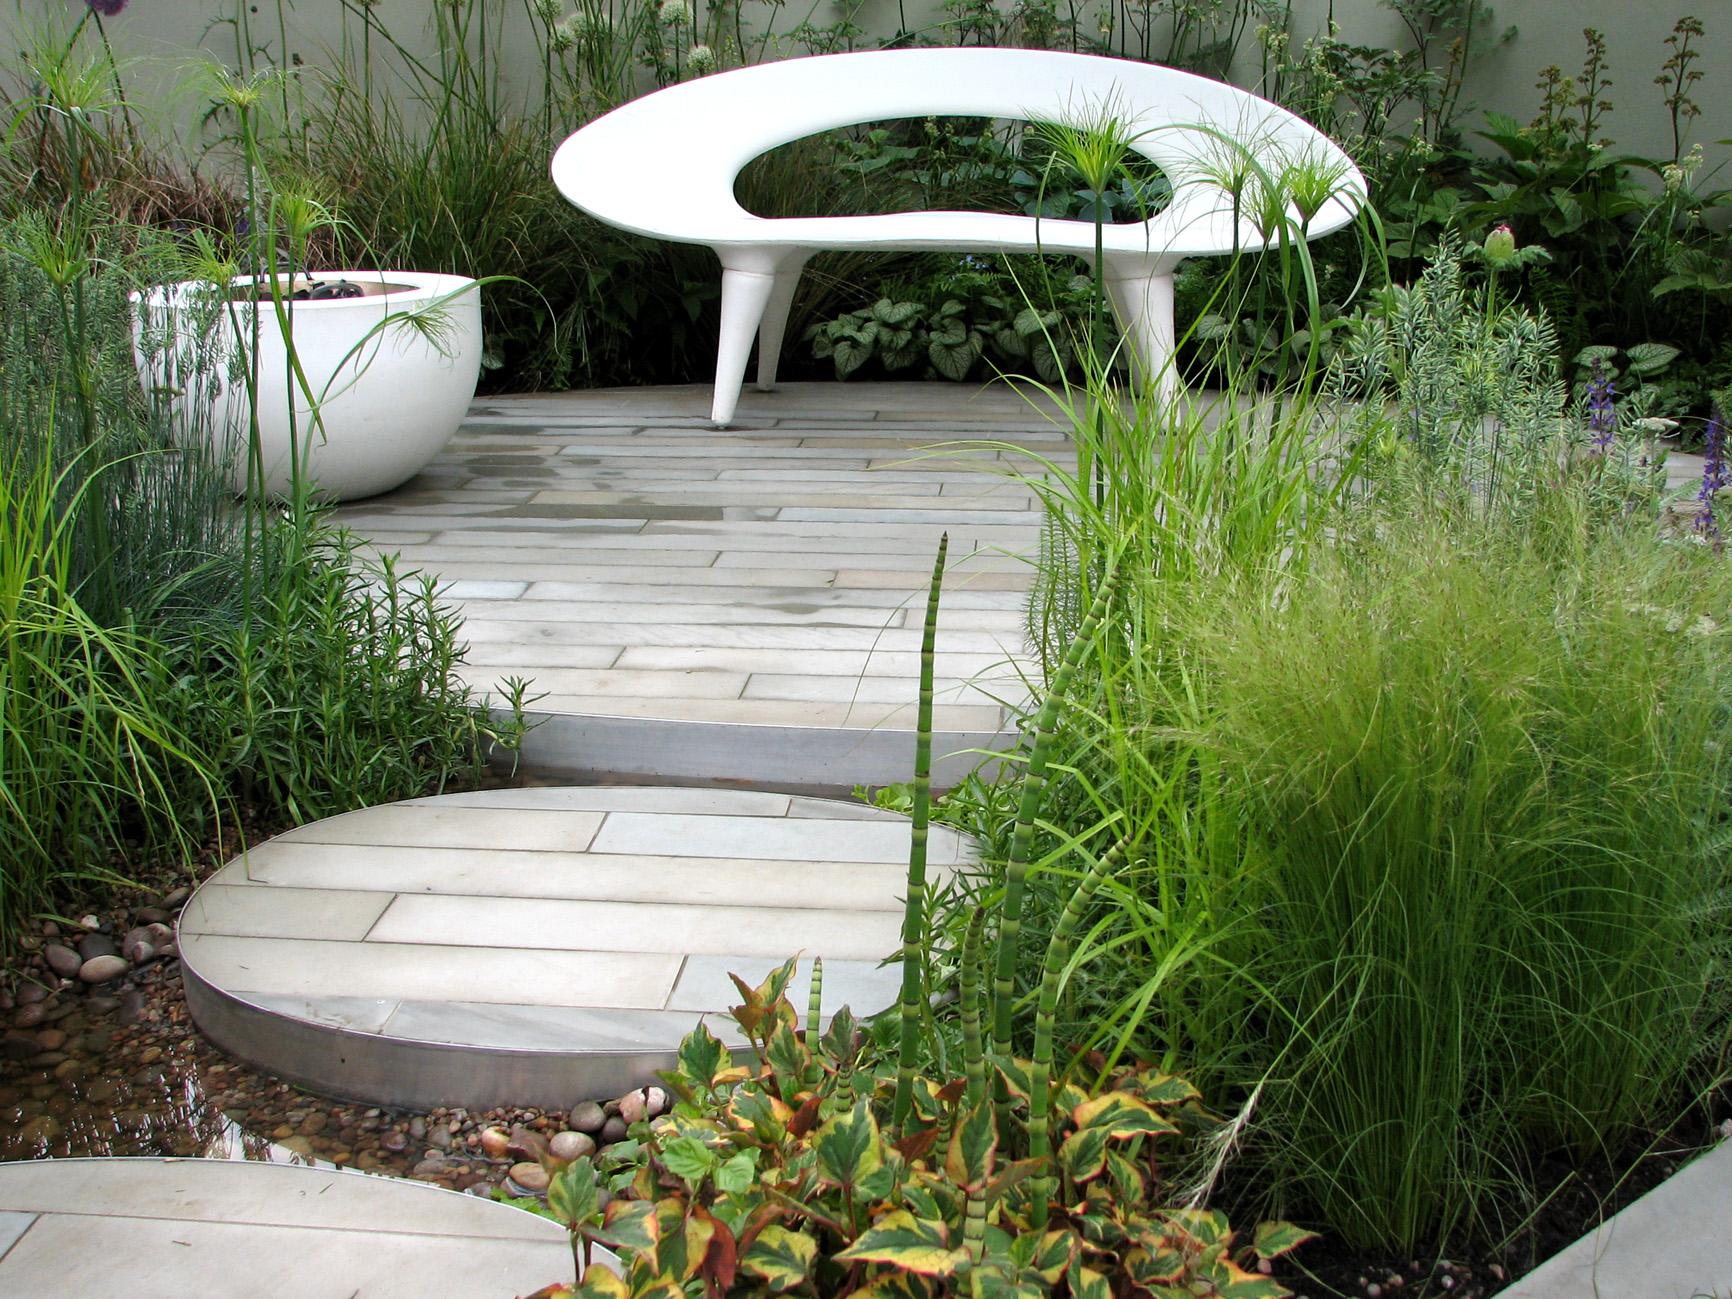 хай тек стиль сада оформление водоема ландшафтный дизайн